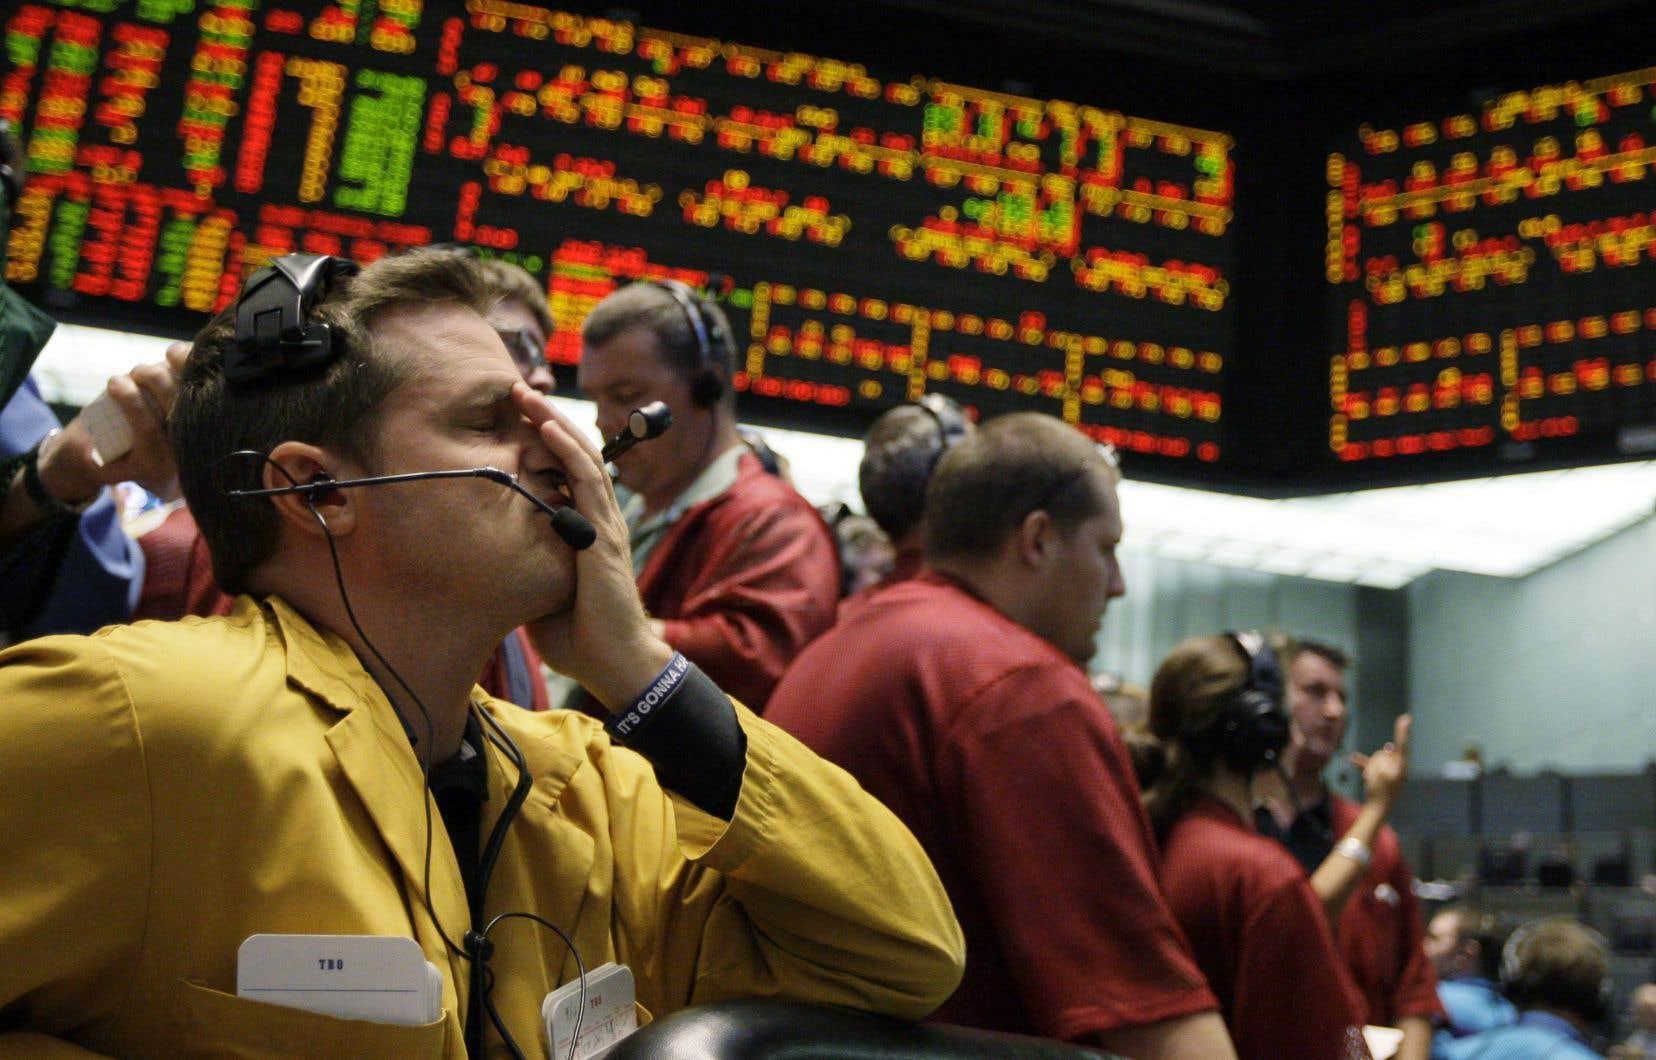 Selon les experts, les actions qui ont permis d'éviter une catastrophe économique bien plus grande que celle qu'on a finalement connue étaient souvent inédites et audacieuses.